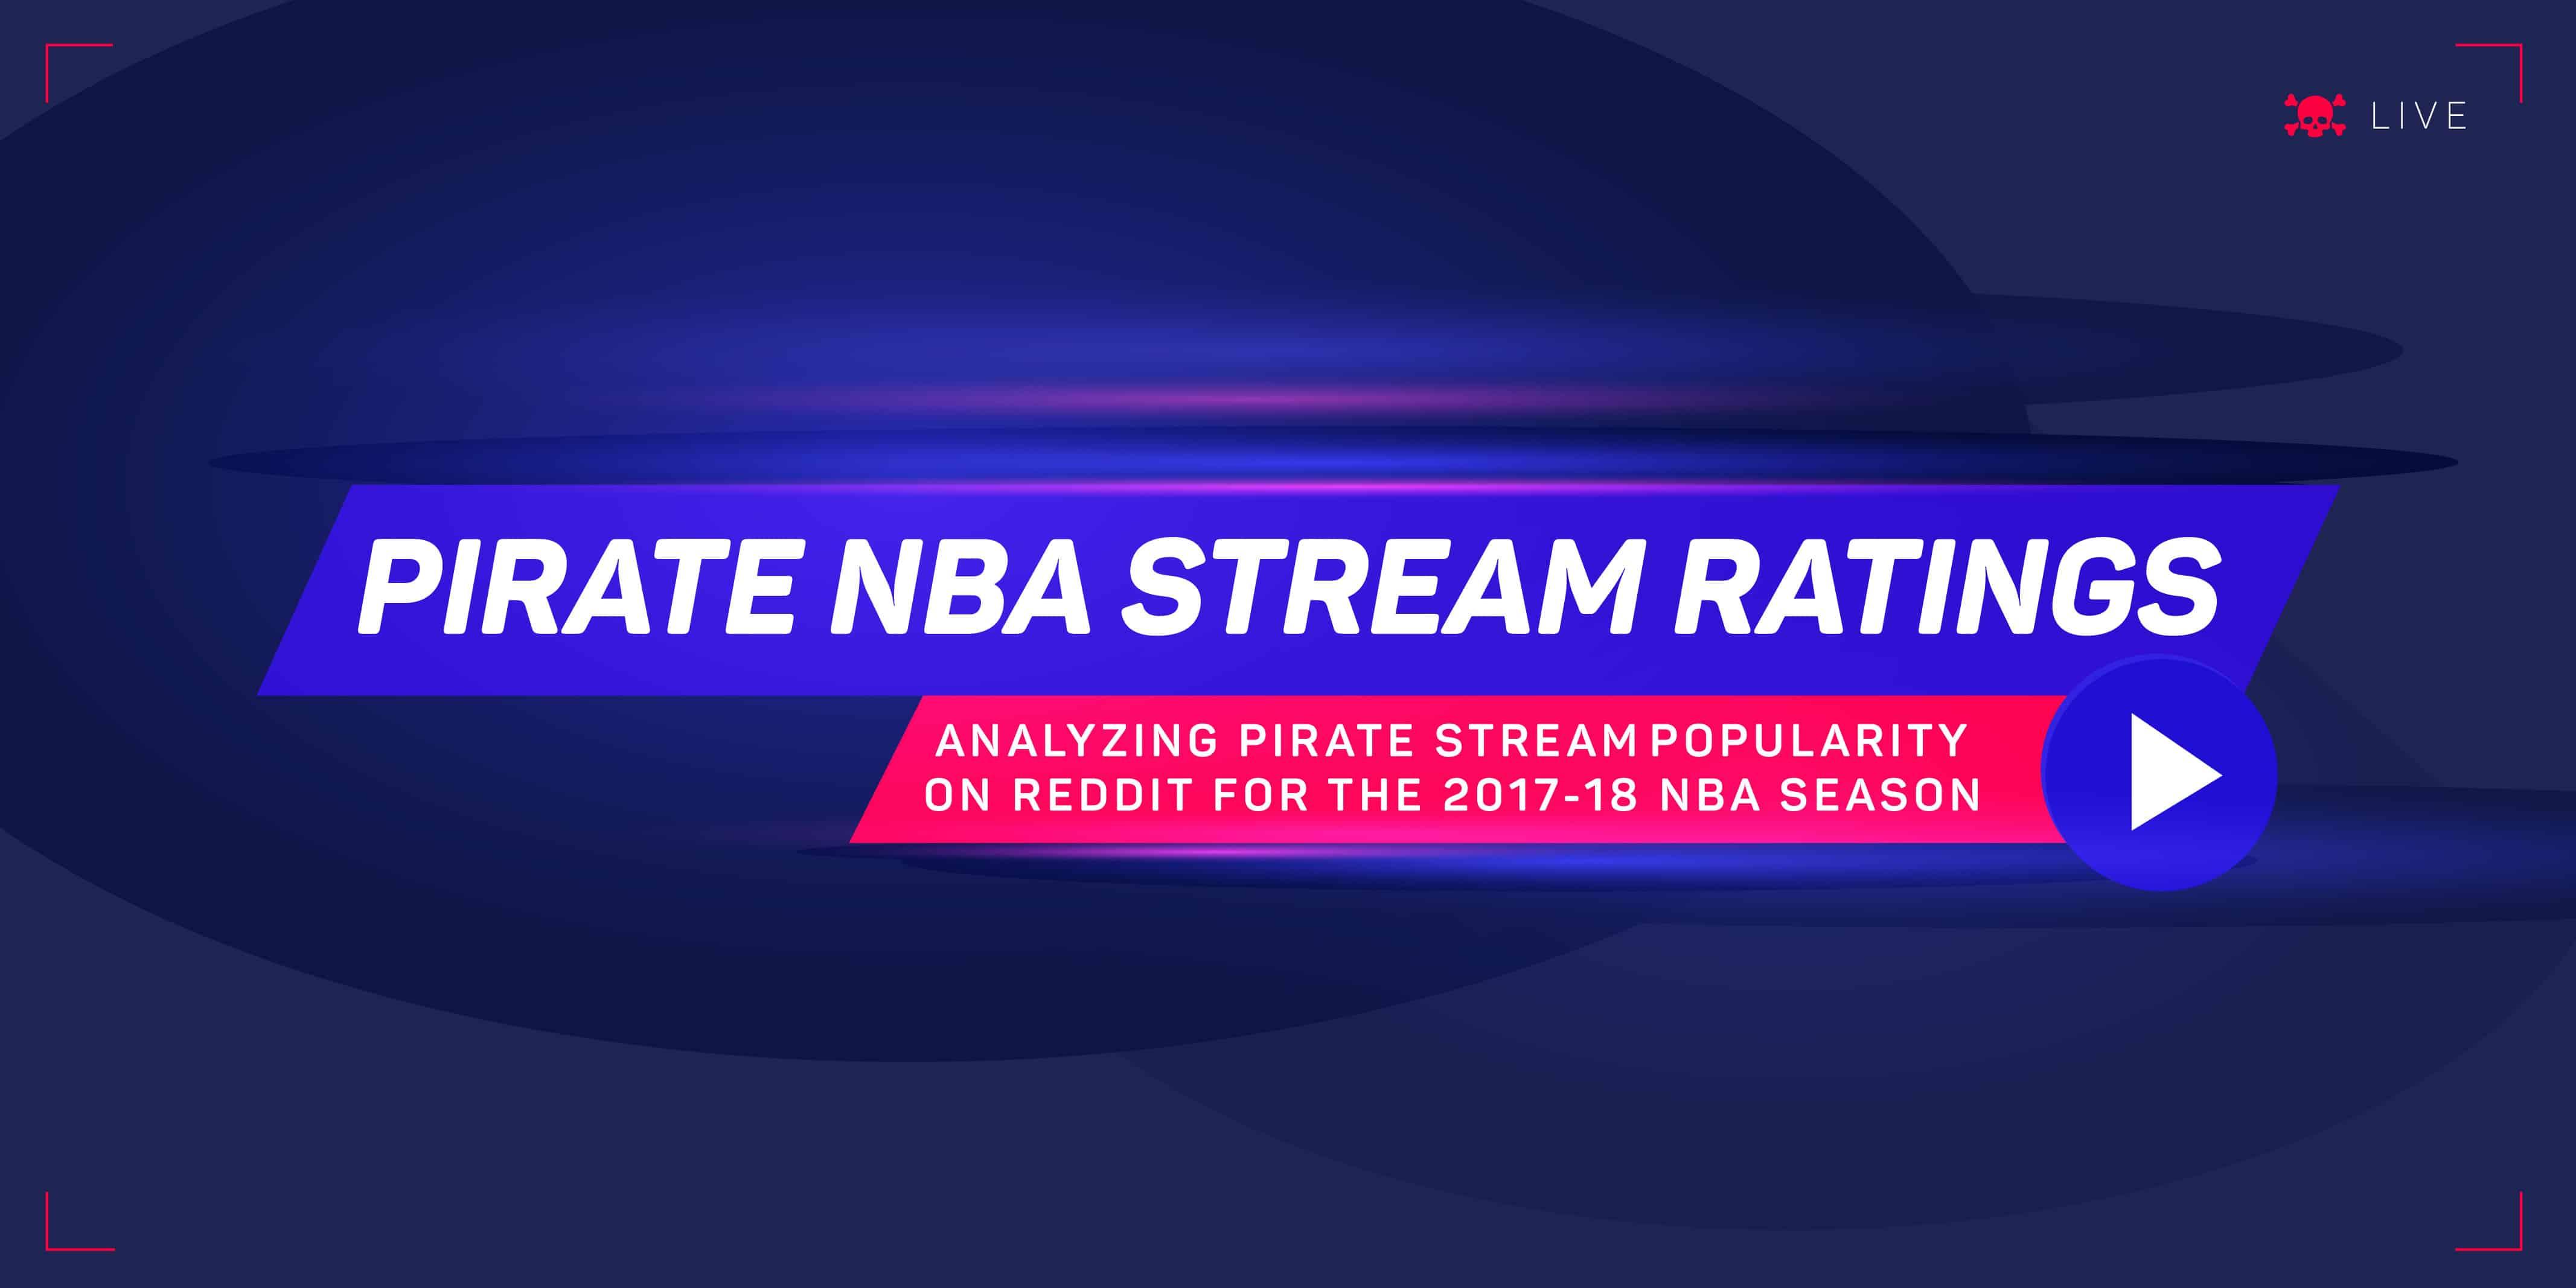 Pirate Nba Stream Ratings Comparitech